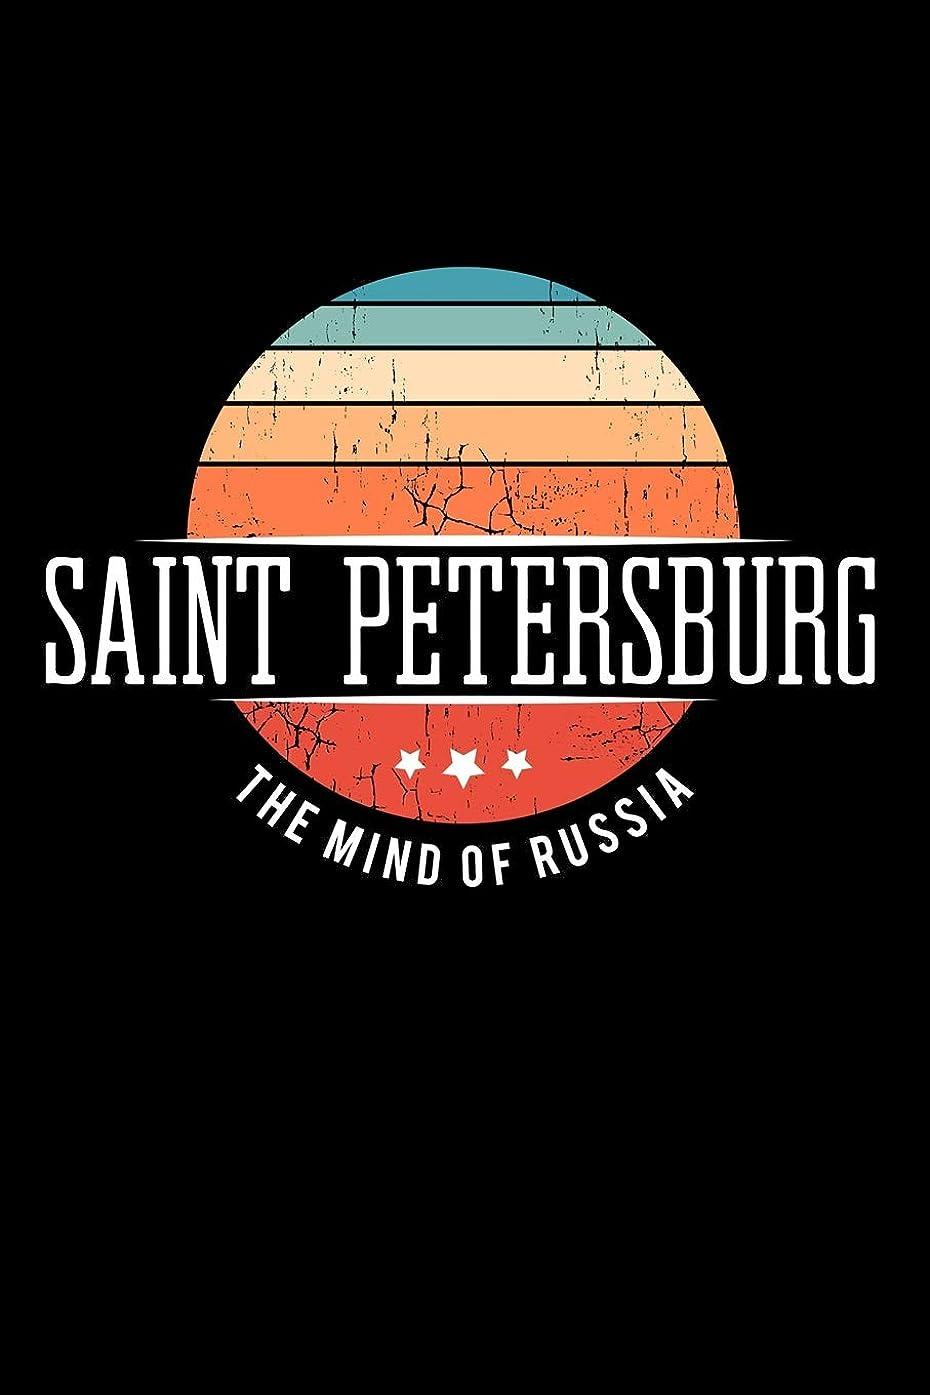 臭い海里あいまいなSaint Petersburg The Mind of Russia: Vintage City Trip Souvenir Blank Journal Notebook